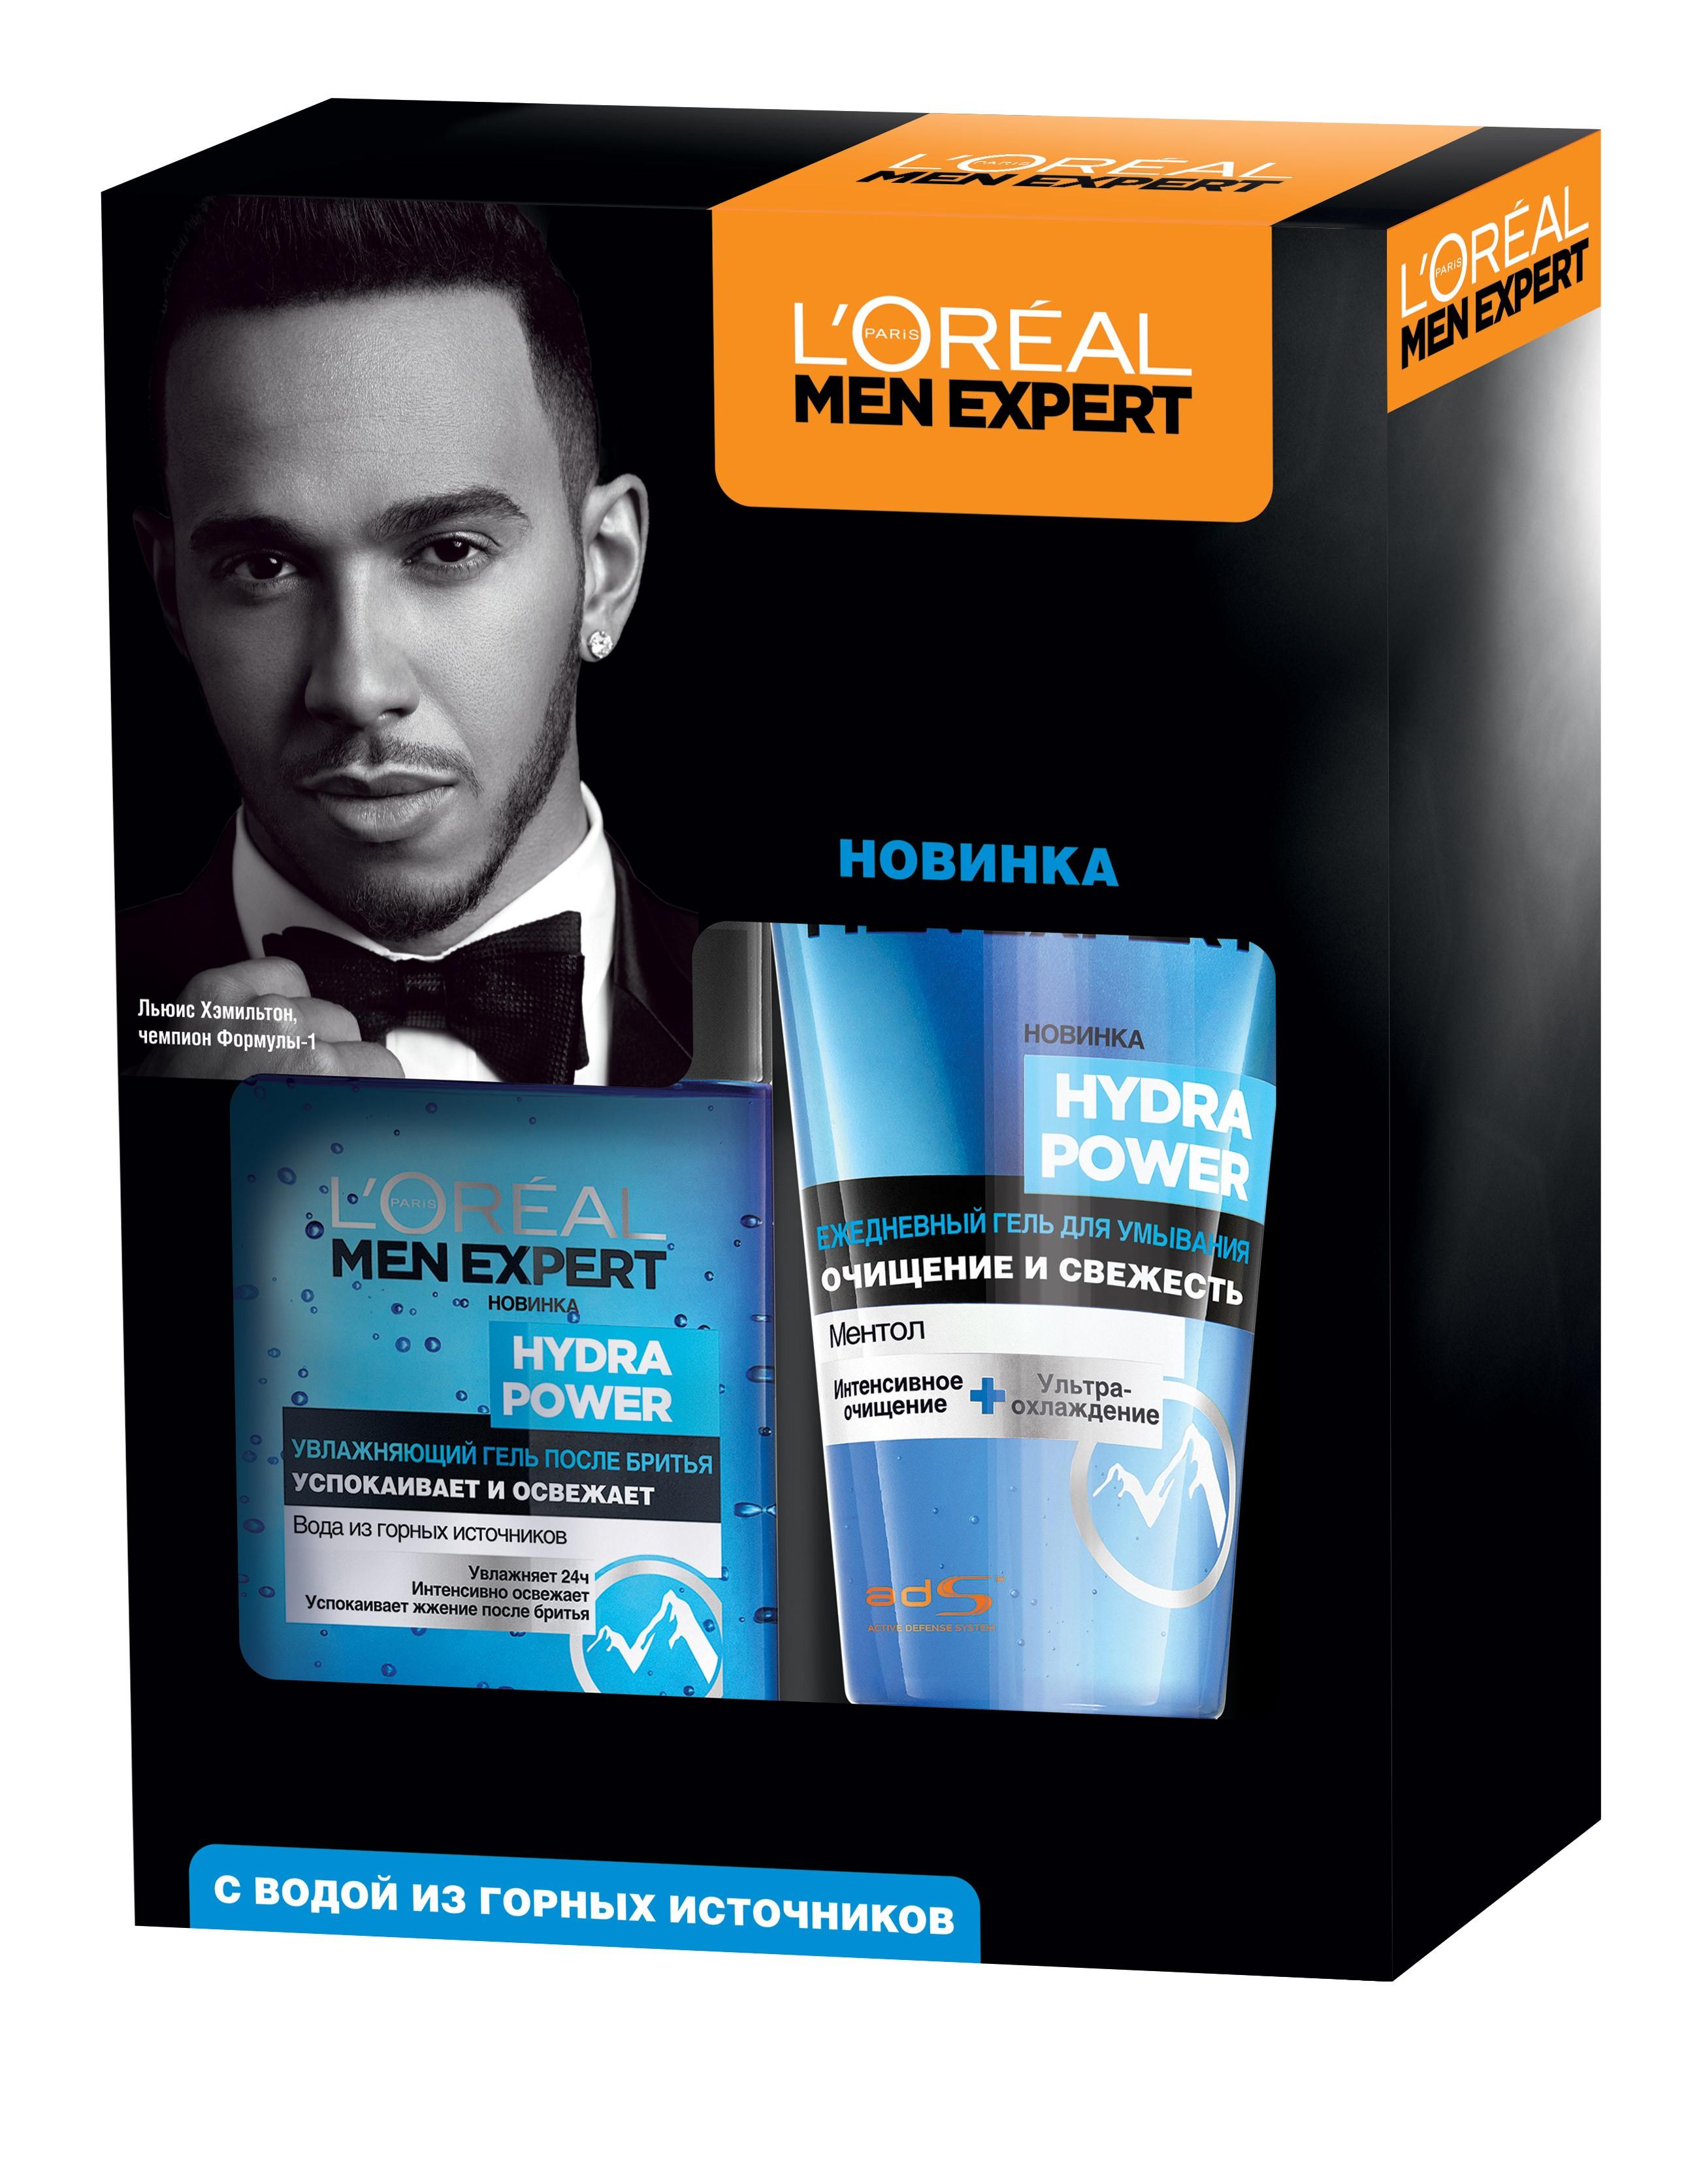 L'Oreal Paris Набор  Men Expert : Увлажняющий гель после бритья  Hydra Power , 125 мл, Гель для умывания  Hydra Power , 150 мл - Наборы